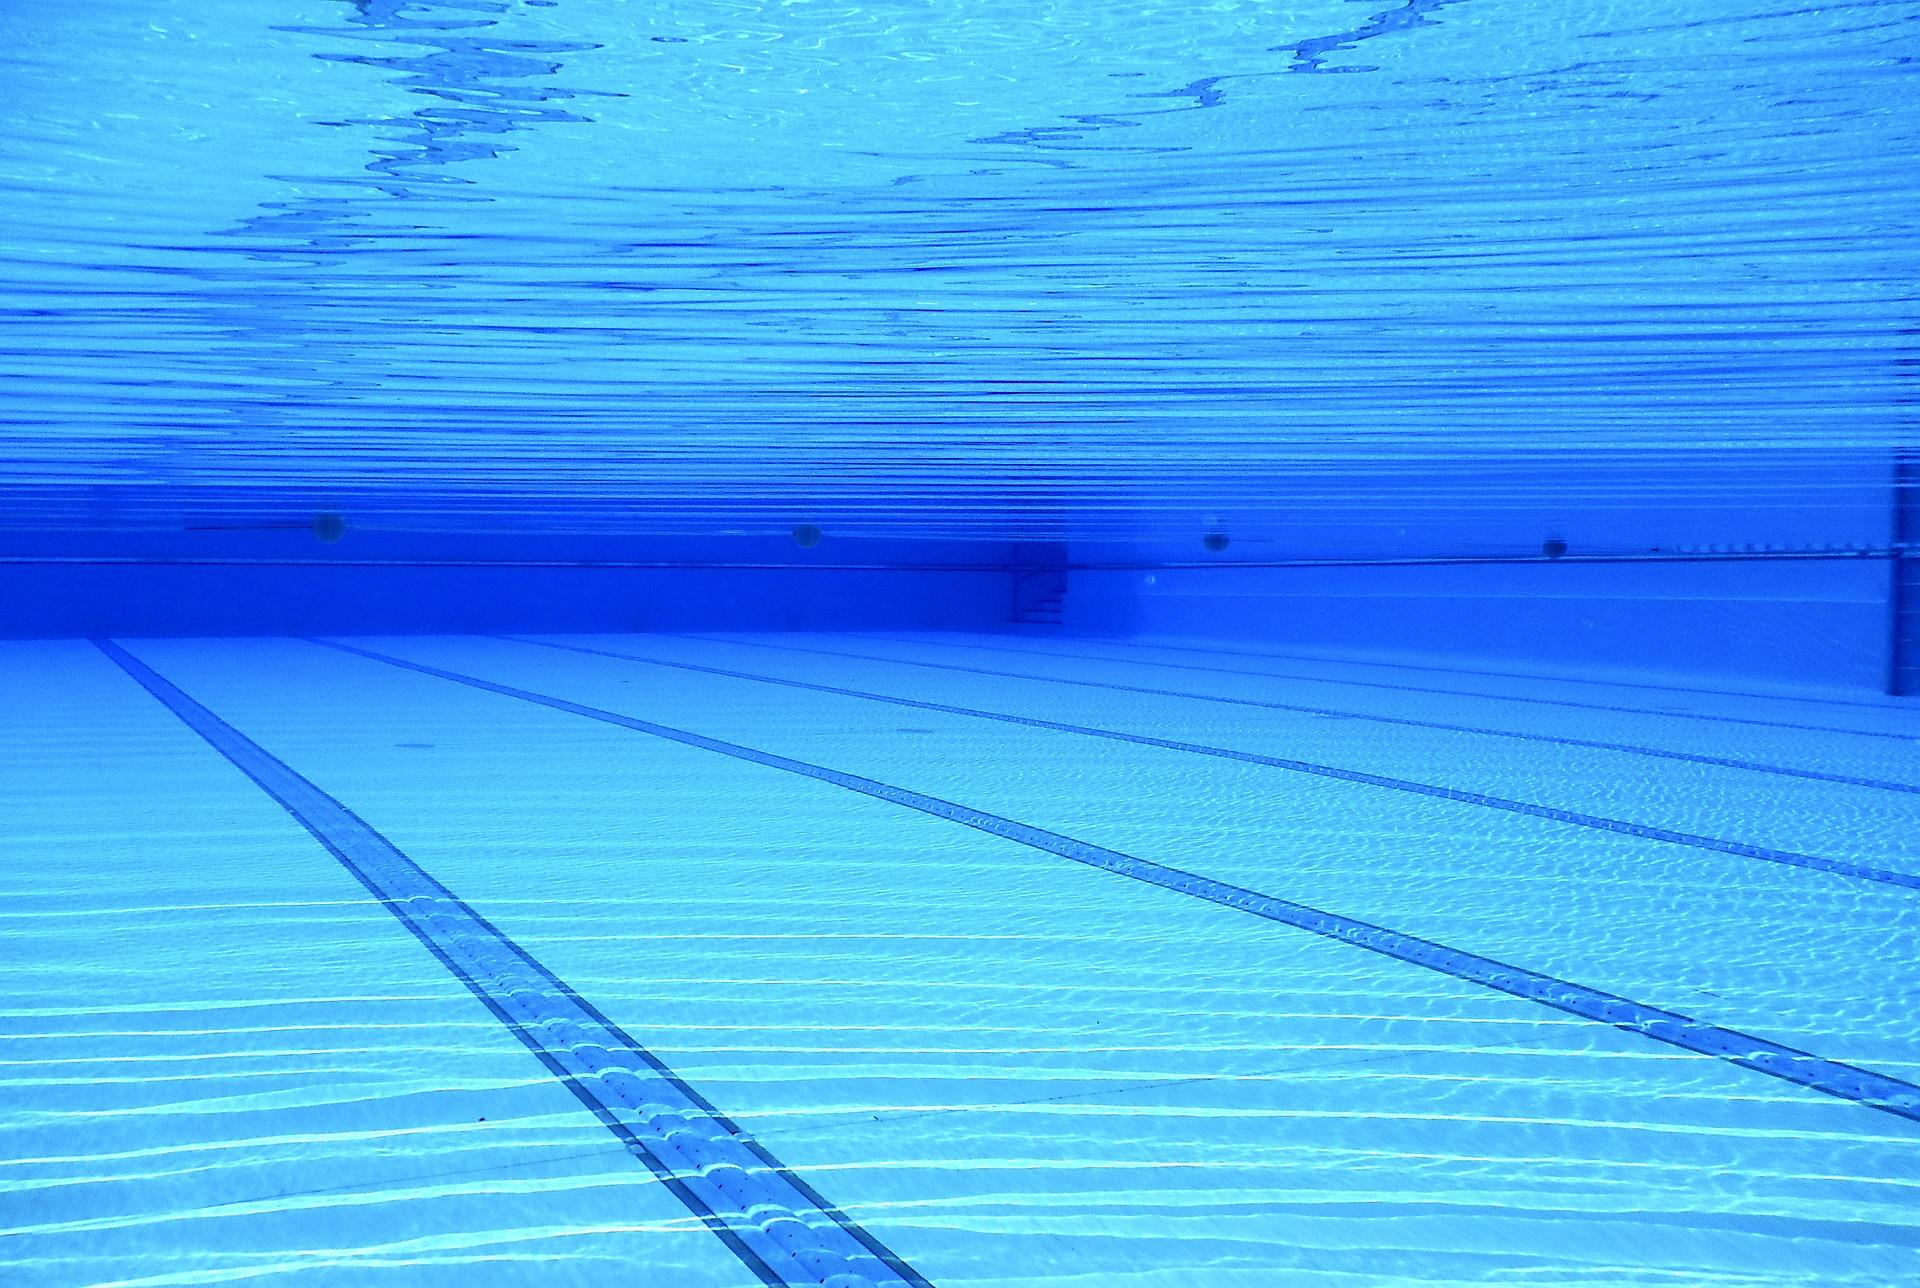 Новые условия аренды спортобъектов утвердили в мэрии. Фото с pixabay.com